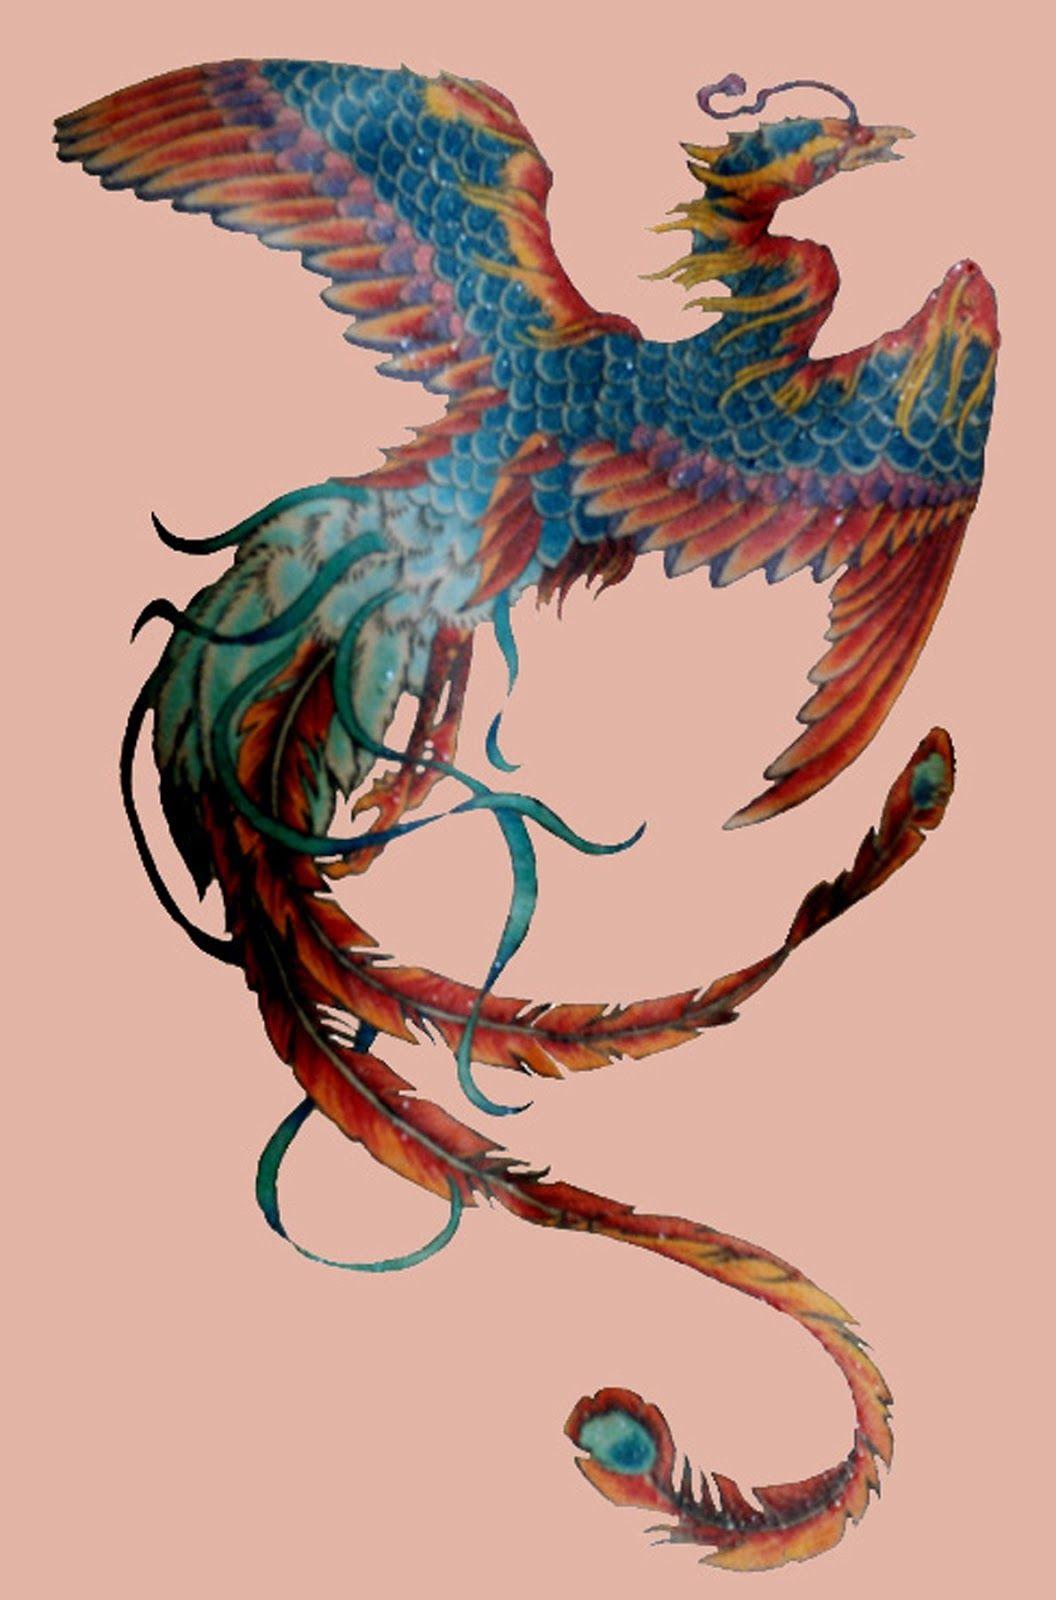 Phoenix Tattoo Google Search Phoenix Bird Art Phoenix Bird Phoenix Bird Tattoos